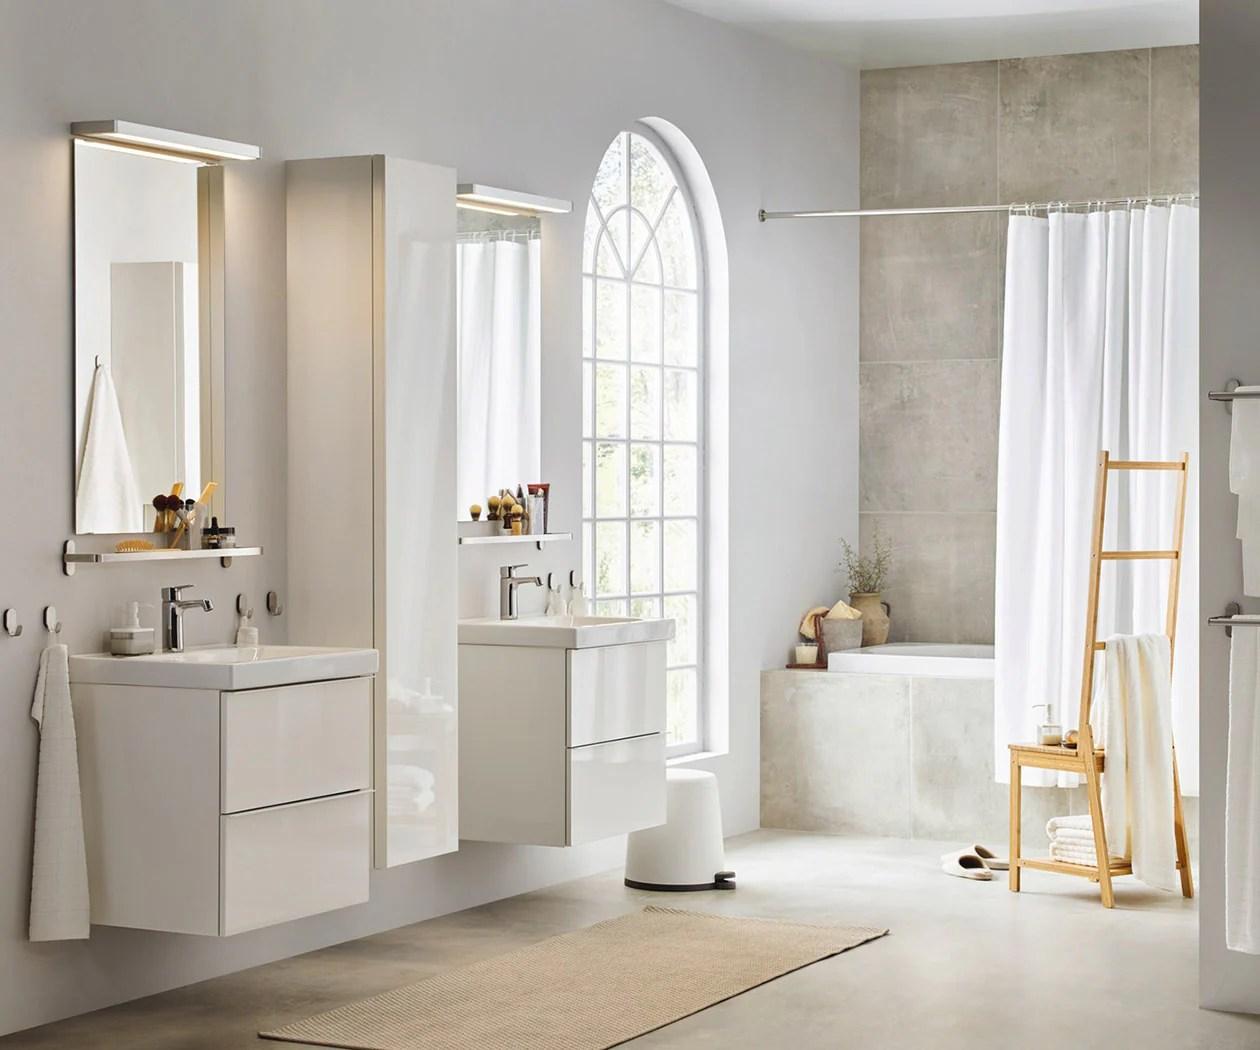 Serier Til Badevaerelset Nye Og Spaendende Losninger Ikea